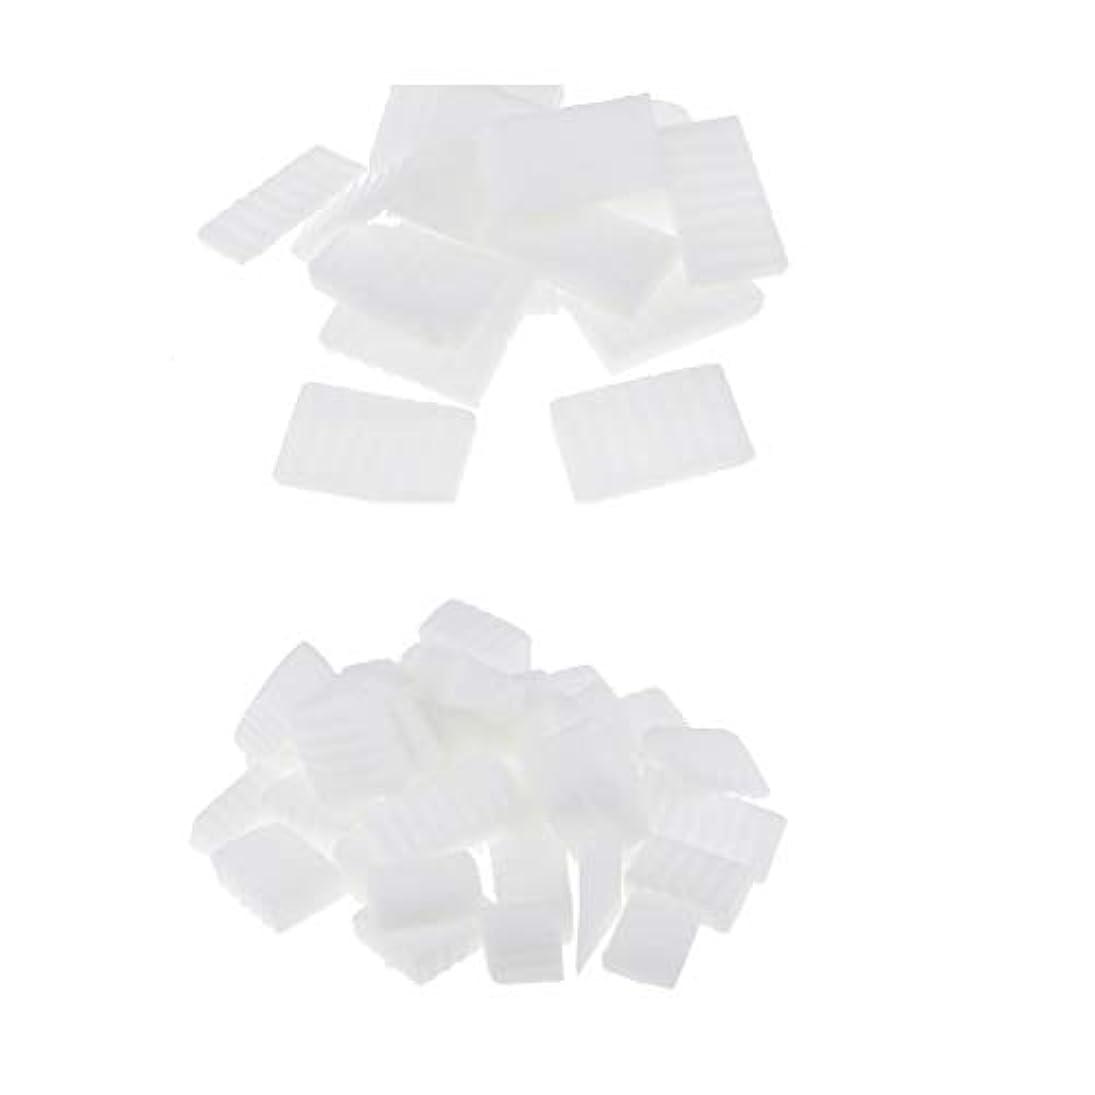 シリーズ一般的なスリッパD DOLITY 石けん素地 石鹸原料 DIY 手作り 石けん用 石鹸用 豆乳石けん用 白い 1500g入り